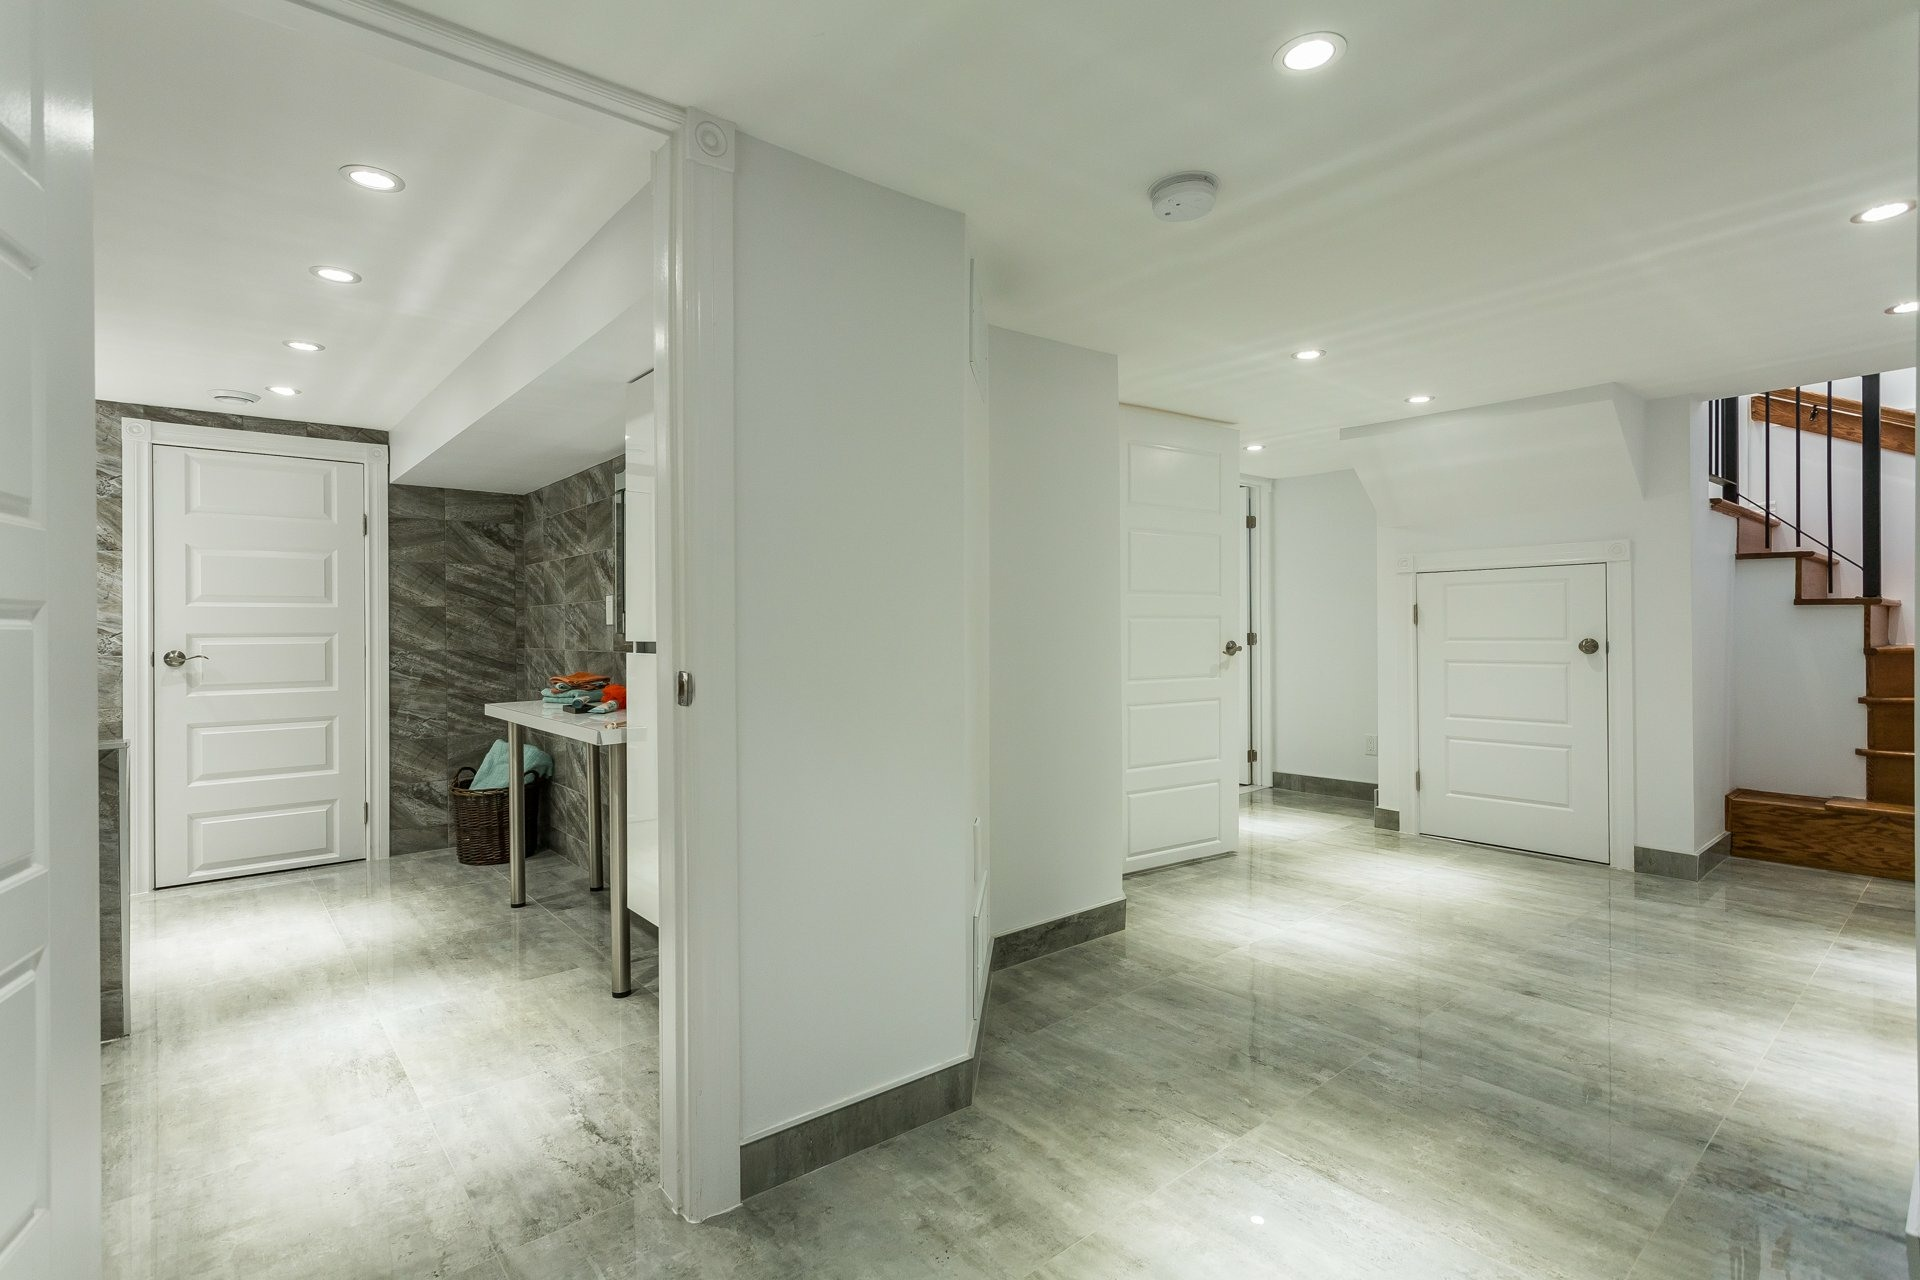 image 16 - House For sale Montréal Rosemont/La Petite-Patrie  - 6 rooms